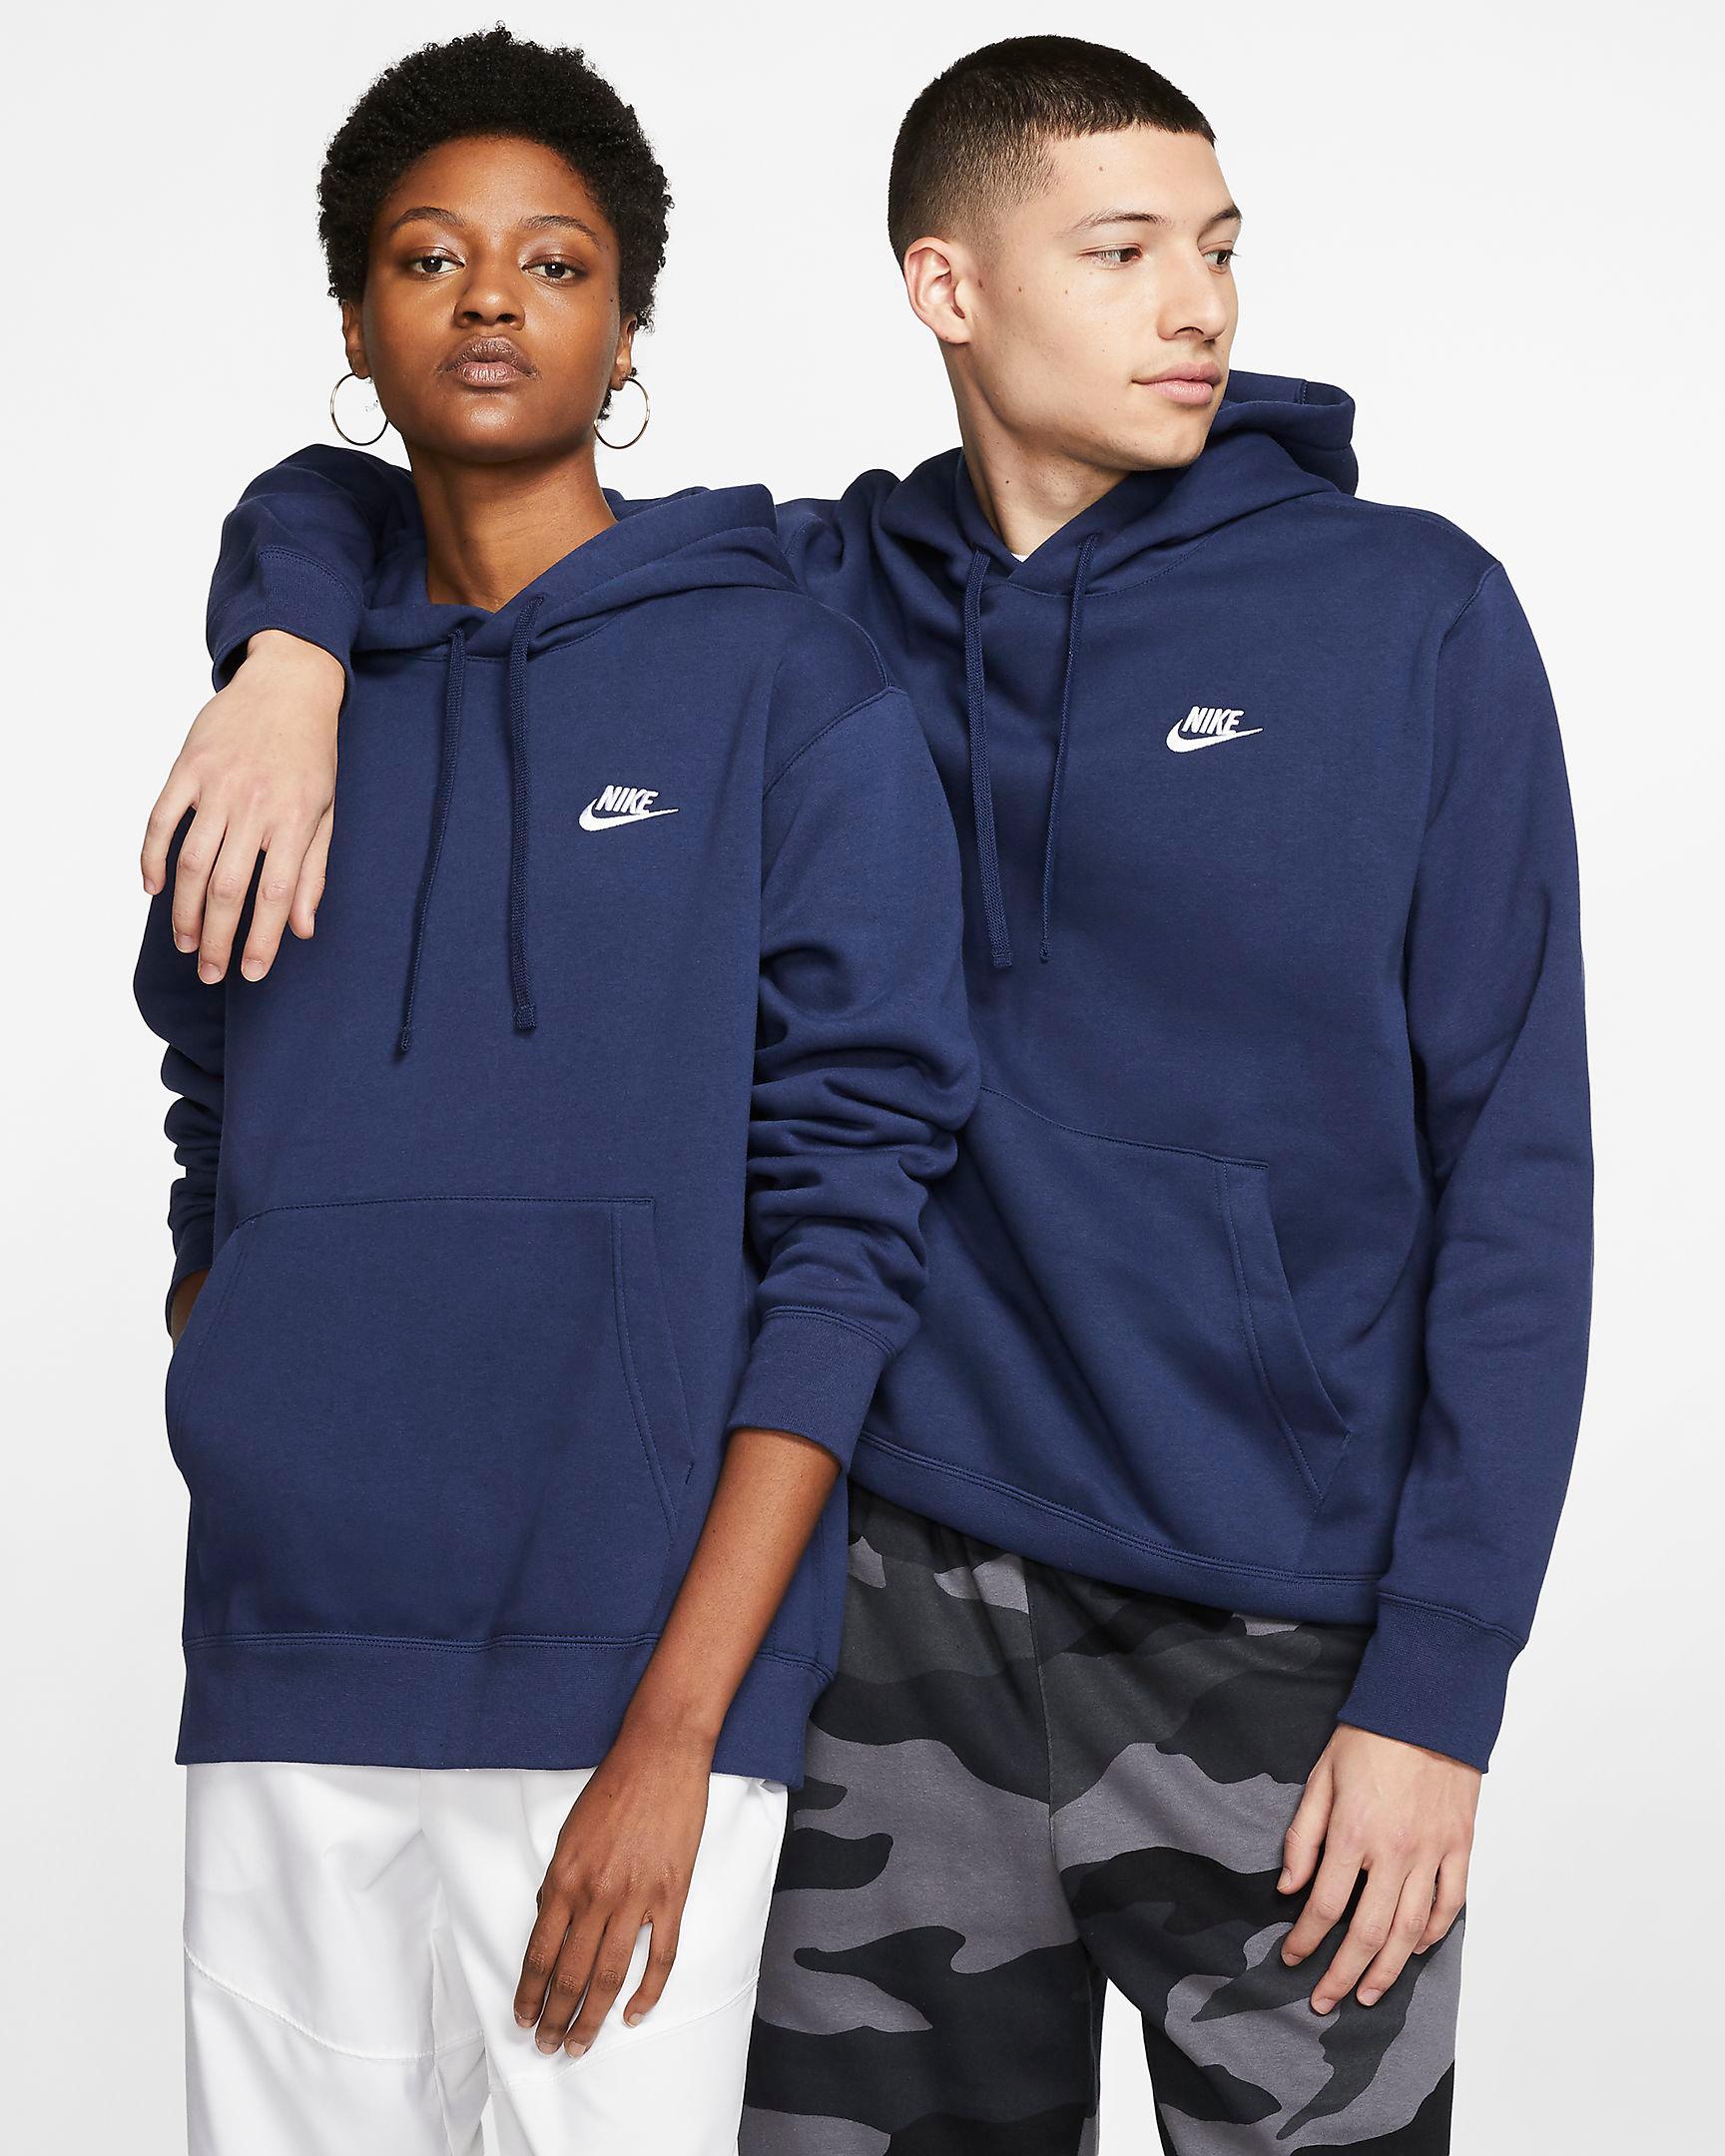 jordan-3-midnight-navy-nike-club-fleece-hoodie